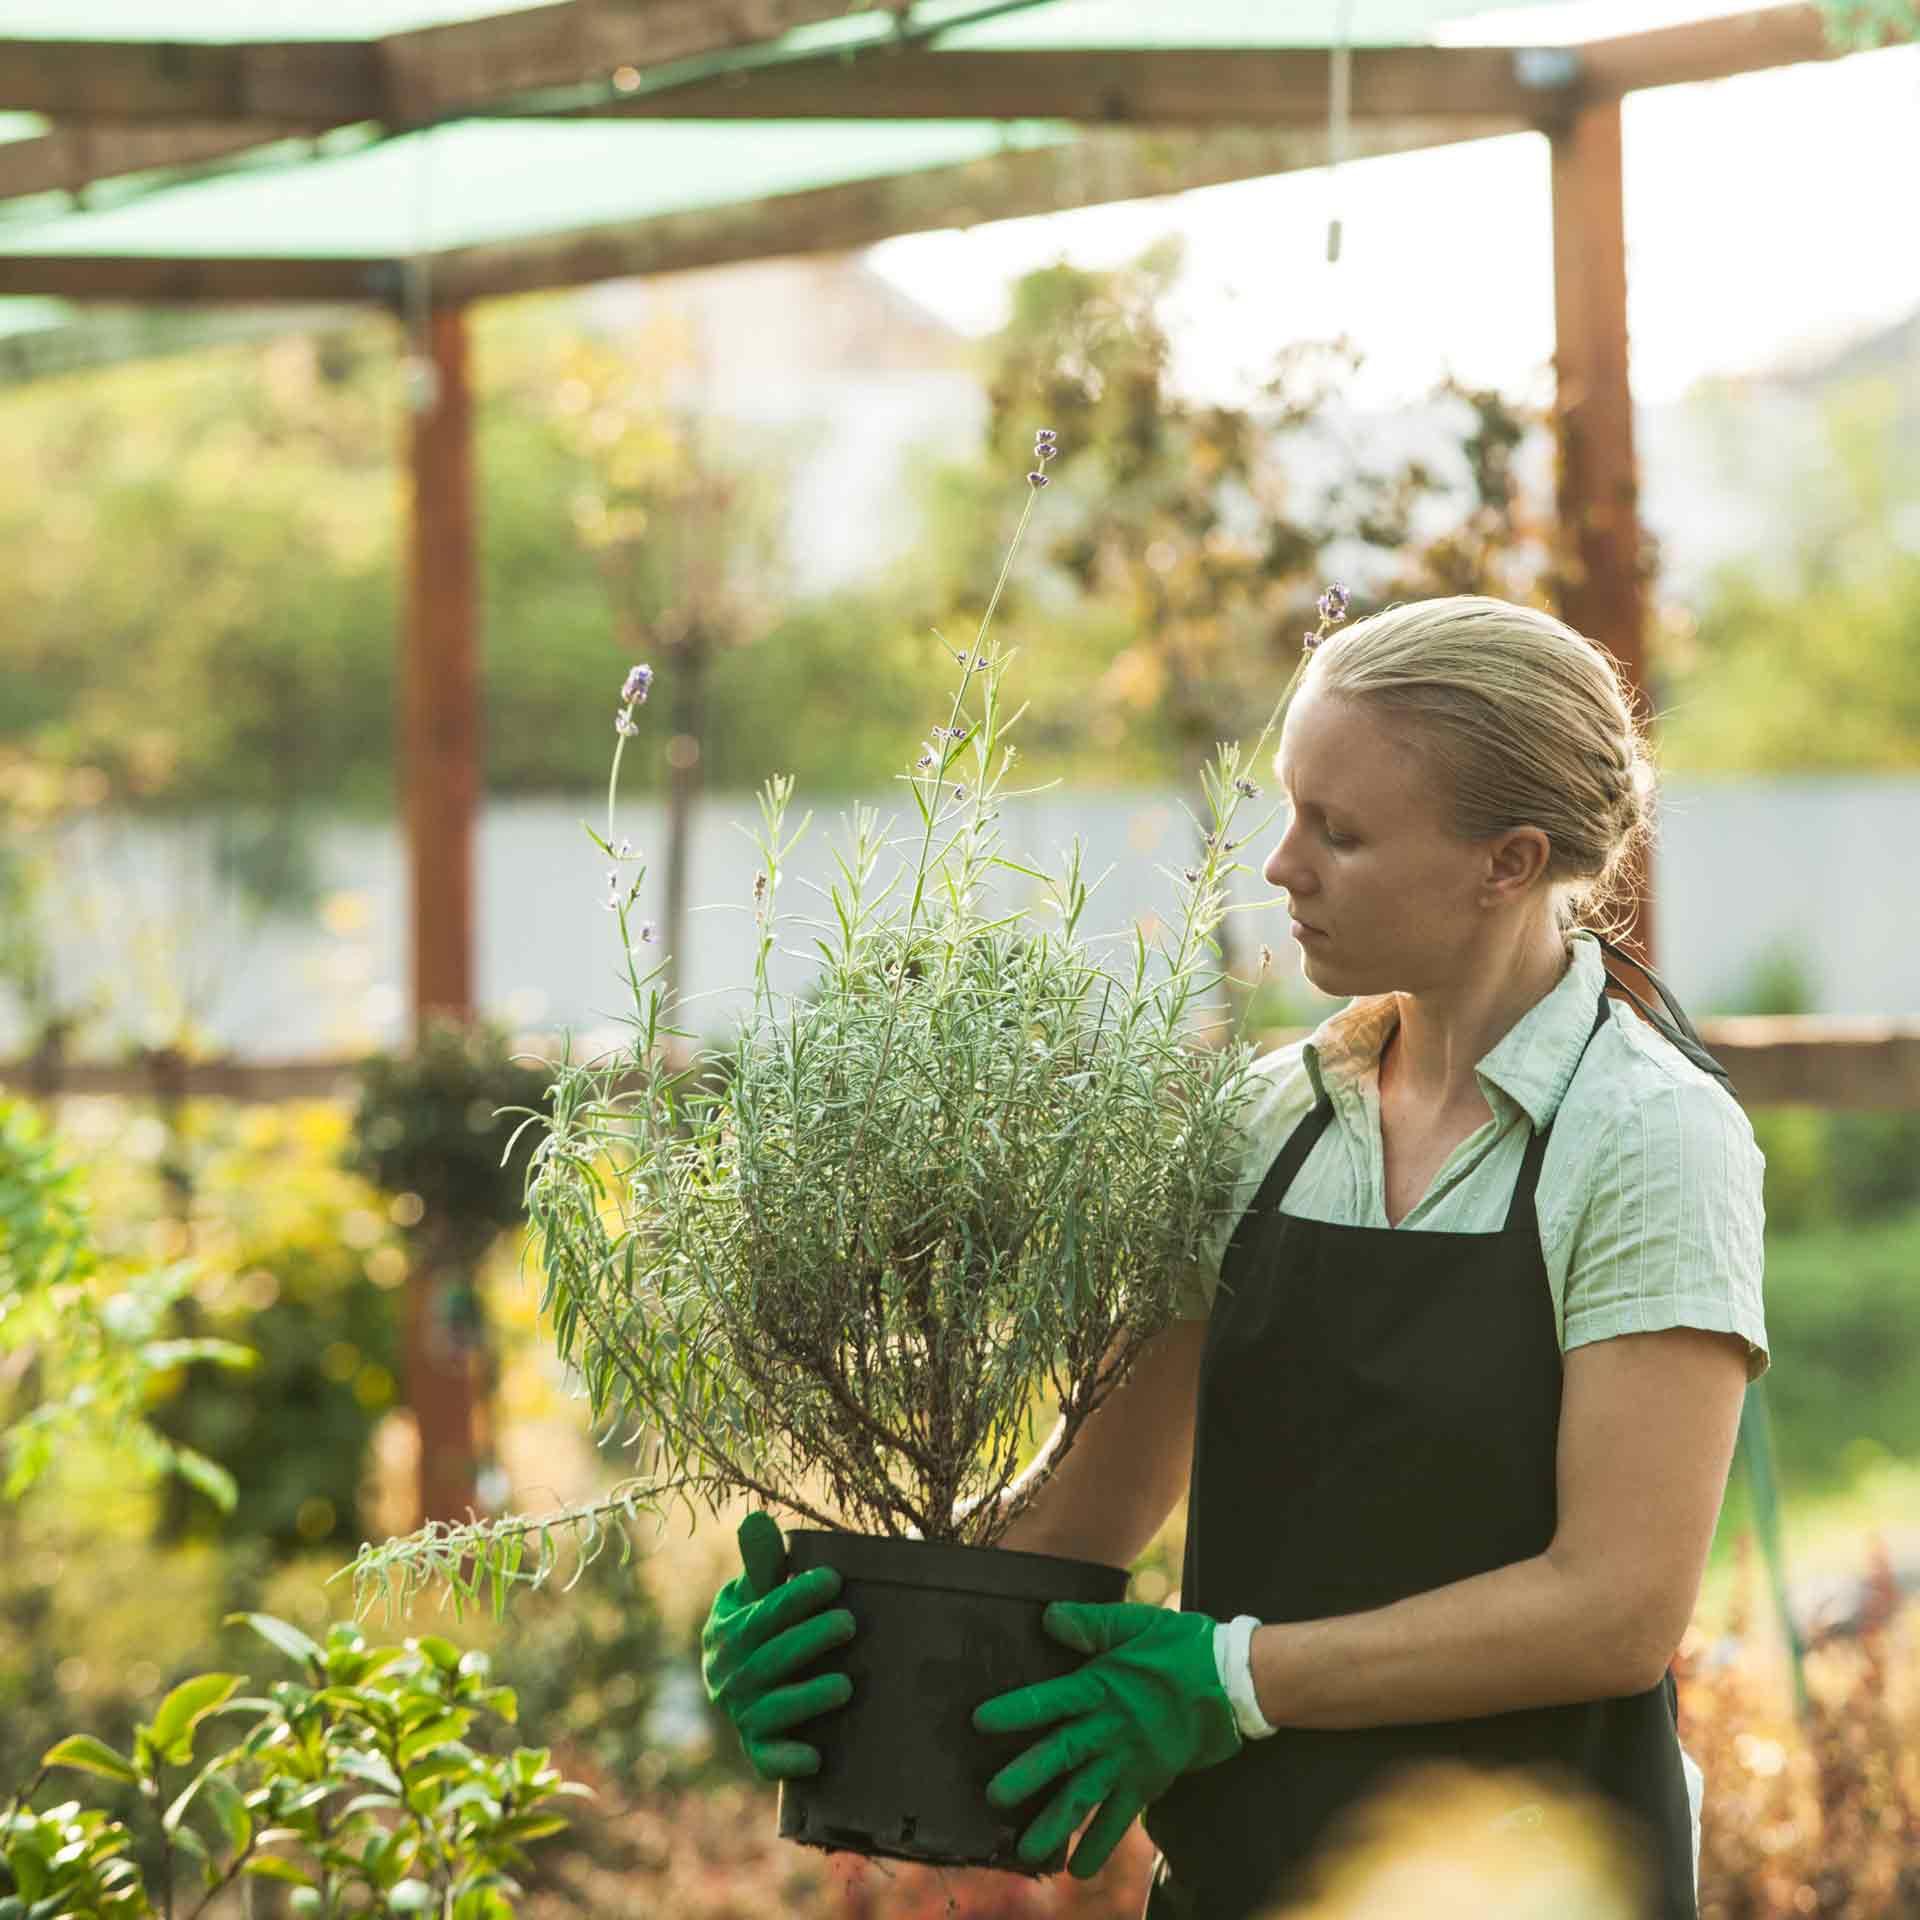 female garden center employee holding shrub